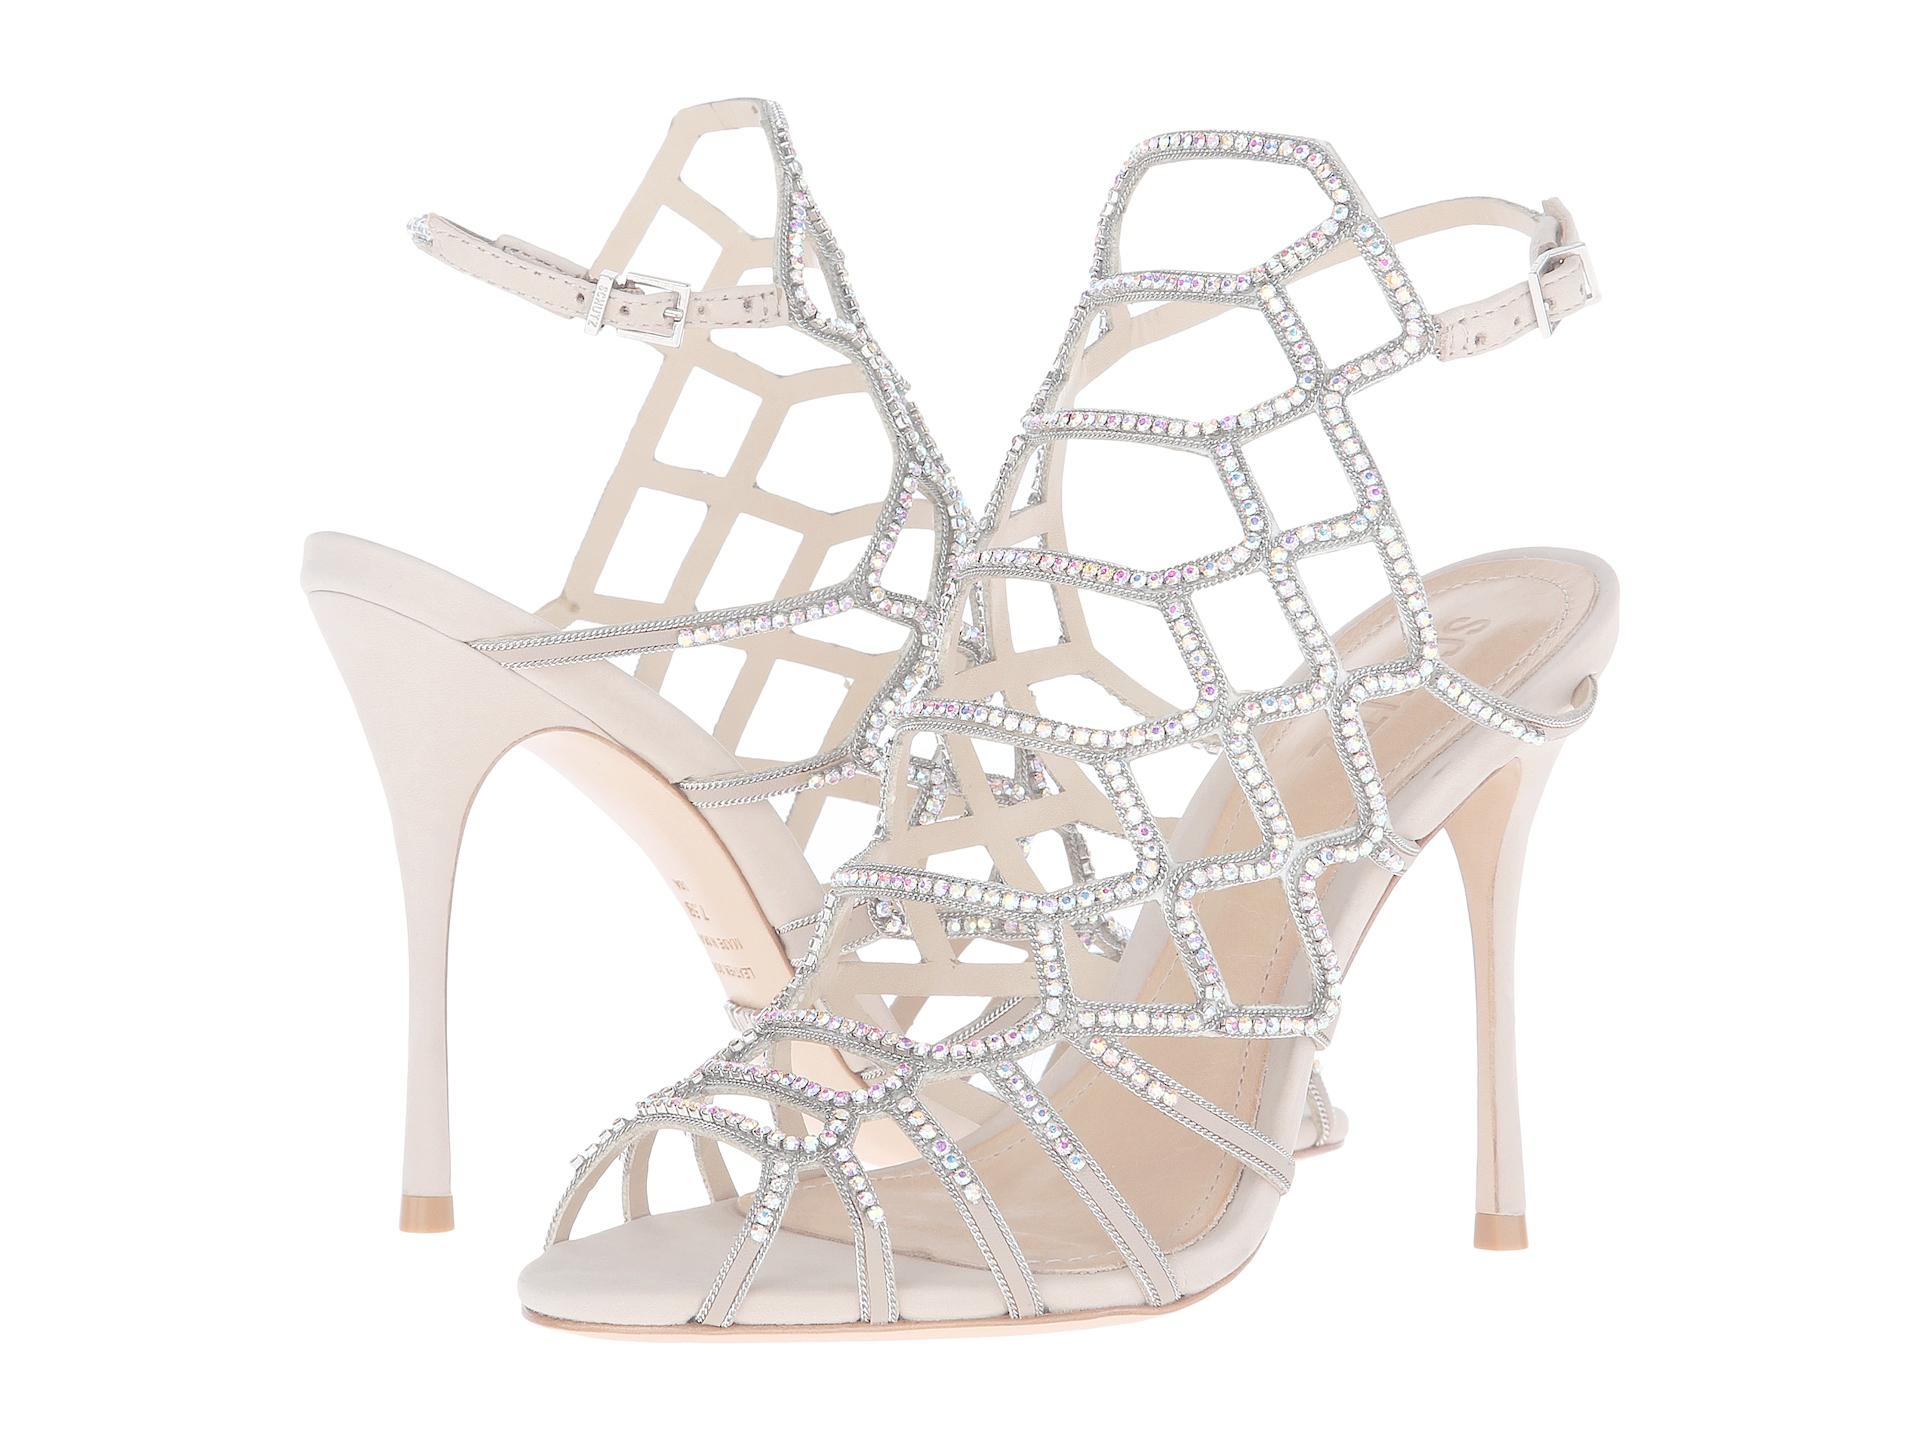 Womens Dress Schutz Sandals Sandal Reva 7yfbgY6